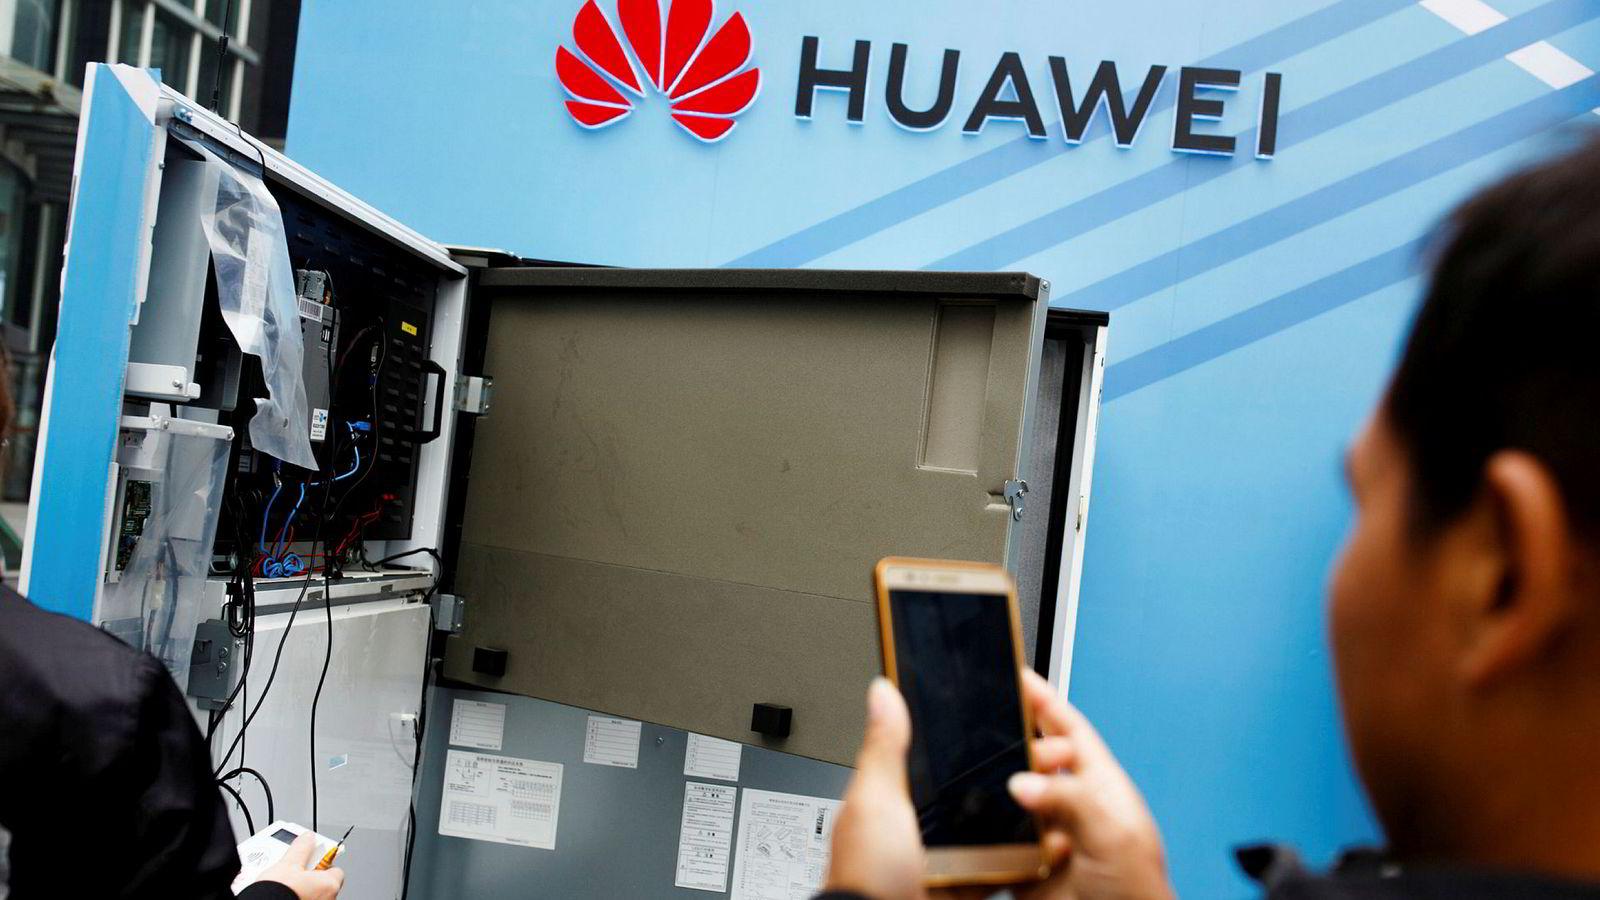 Den kinesiske teknologigiganten Huawei har møtt mye kritikk det siste året på grunn av samarbeidet med kinesiske myndigheter.